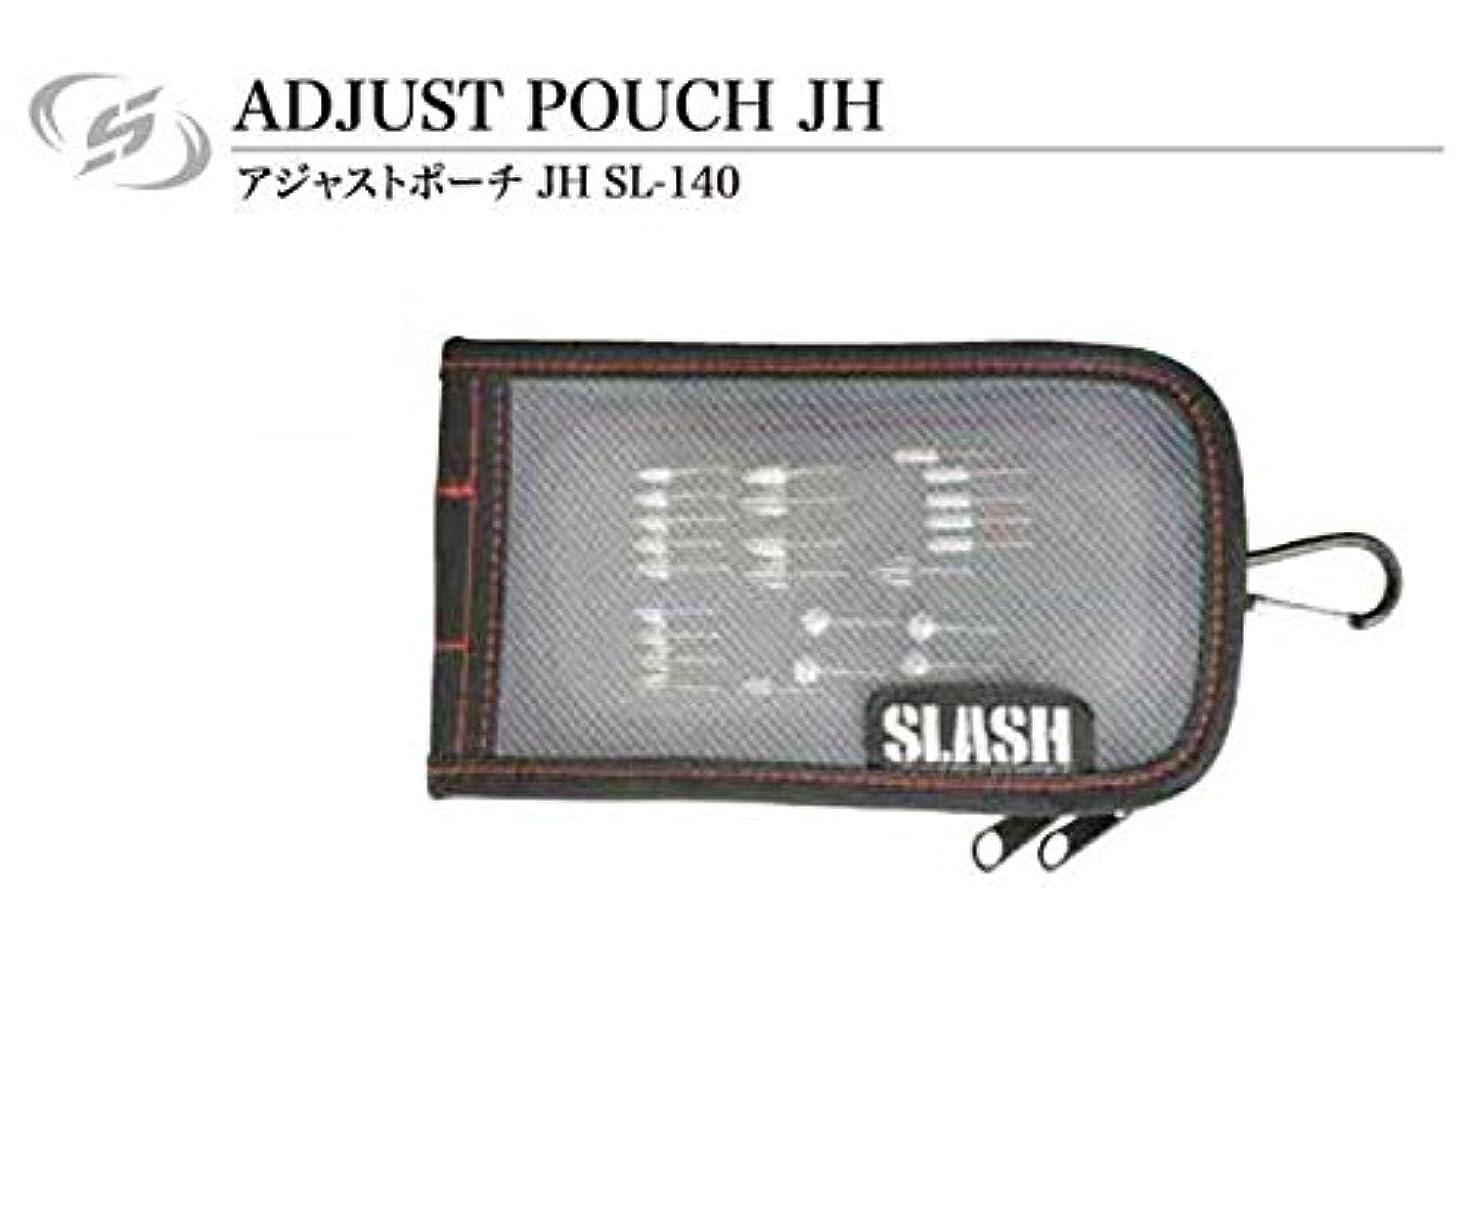 スピン殺します豊かにするSLASH(スラッシュ) アジャストポーチ JH SL-140